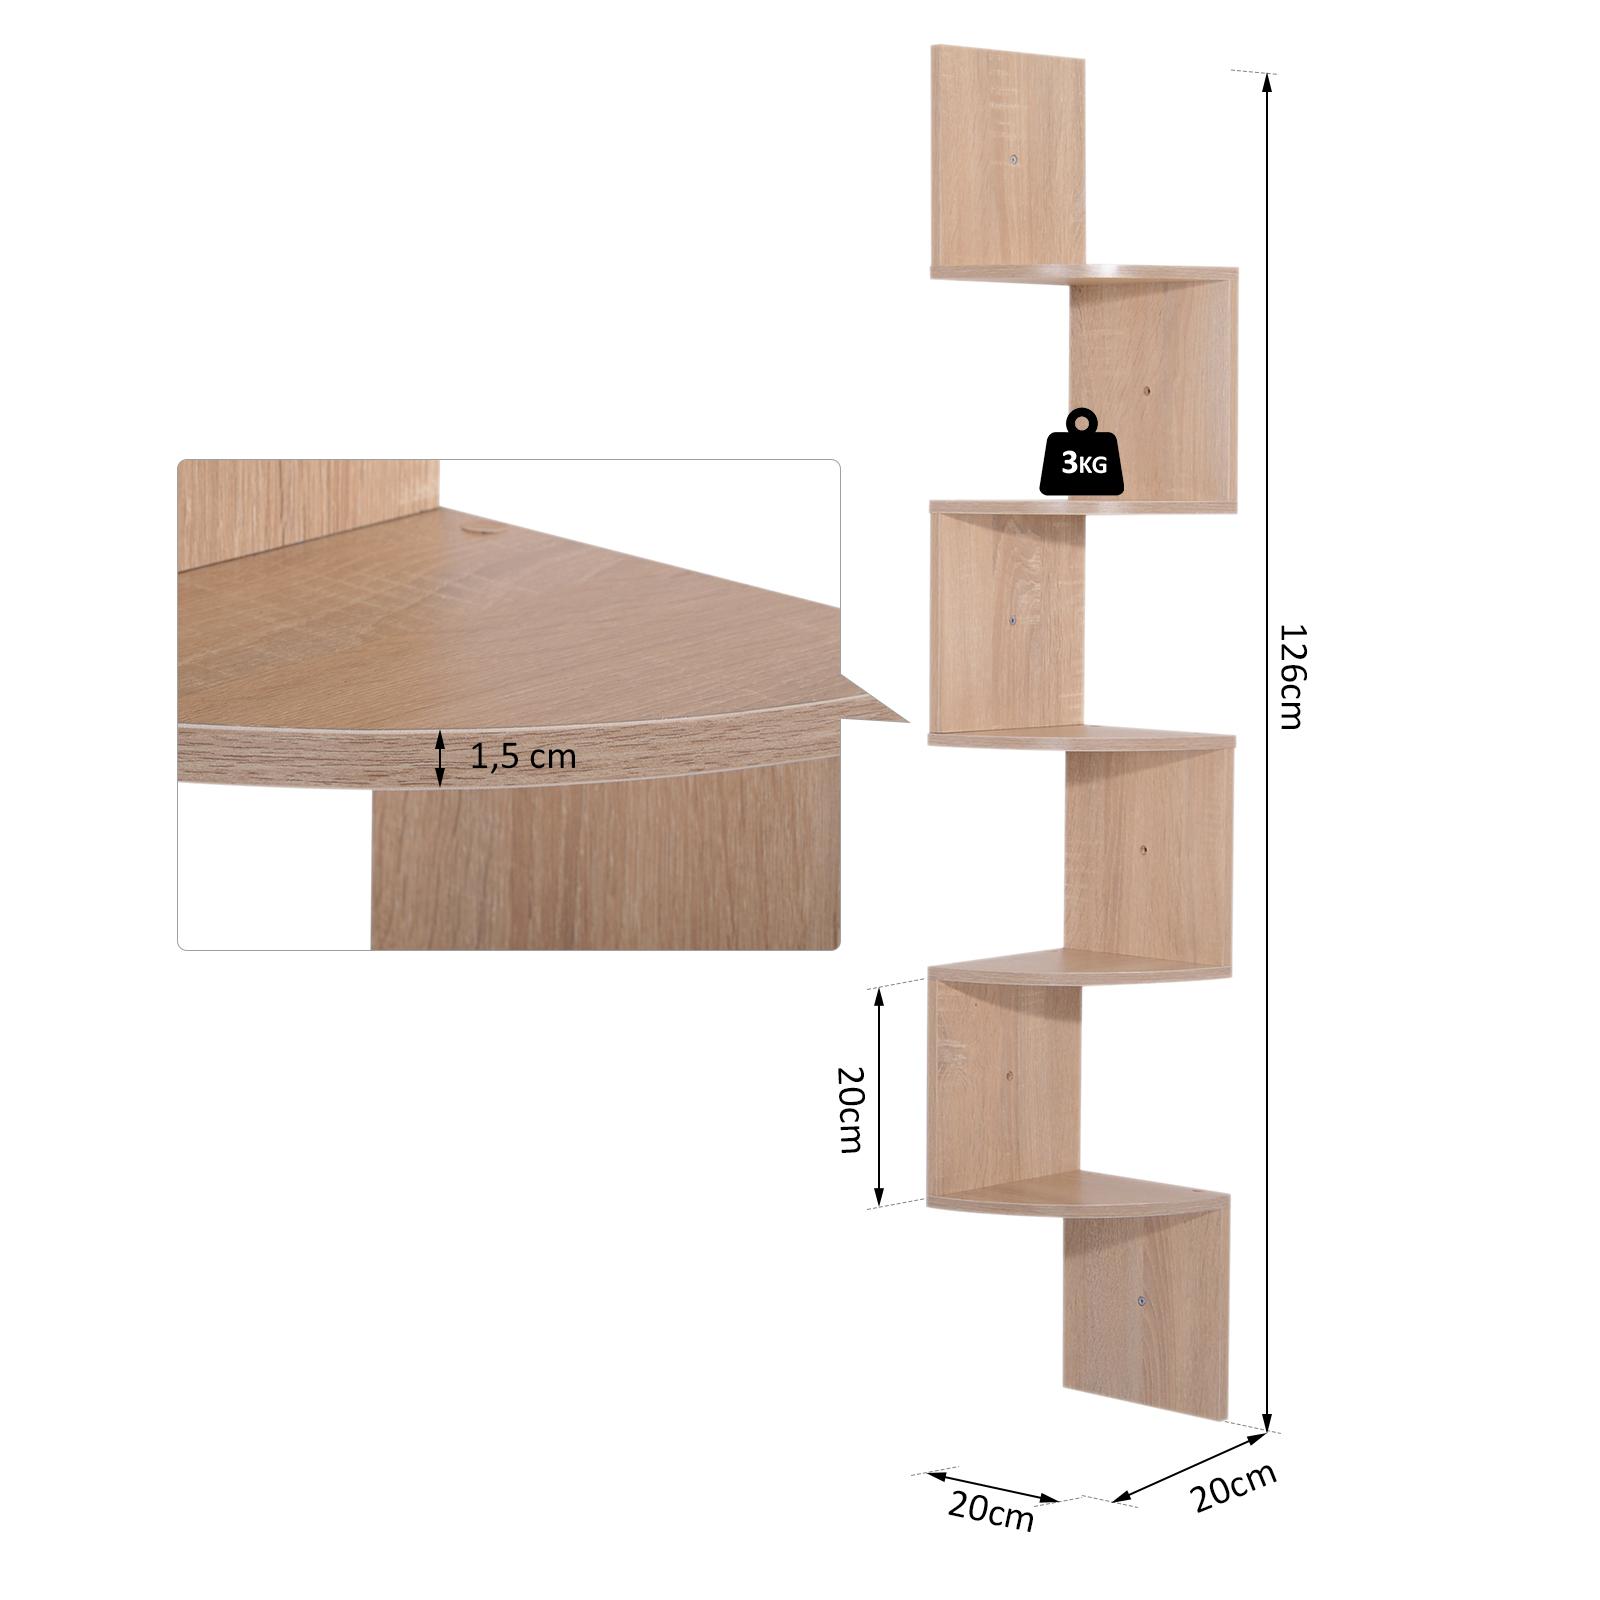 Etagere-d-Angle-Etagere-Murale-Zigzag-5-Niveaux-20-x-20-x-126-cm miniature 13